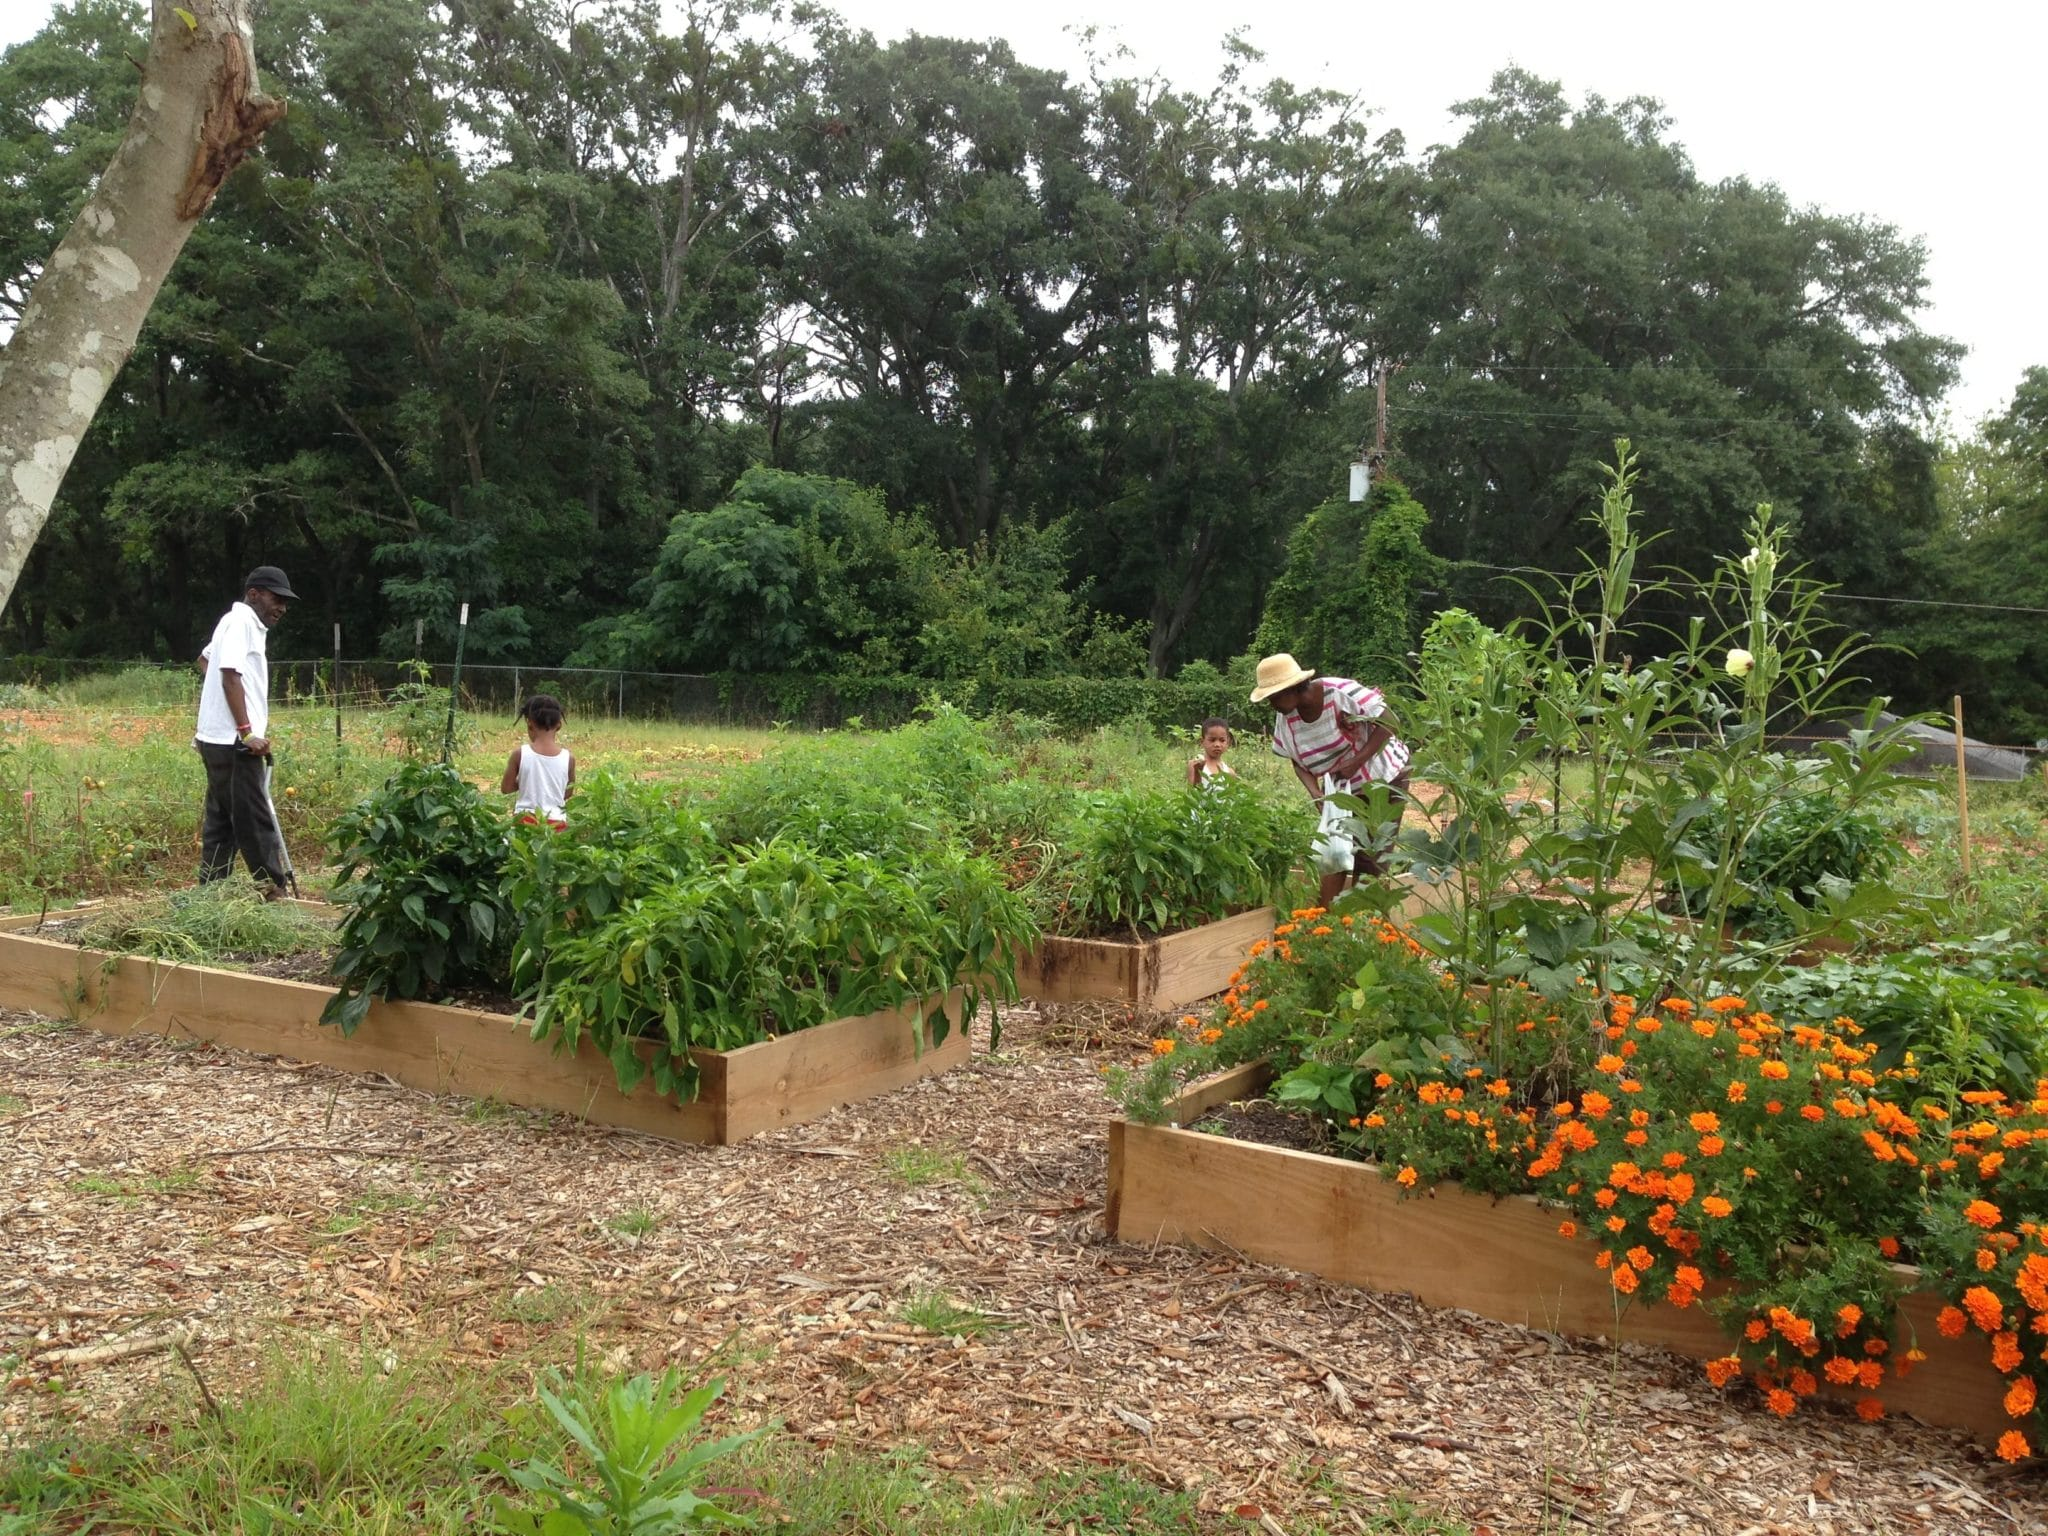 2013 08 08 095850 - Garden Life